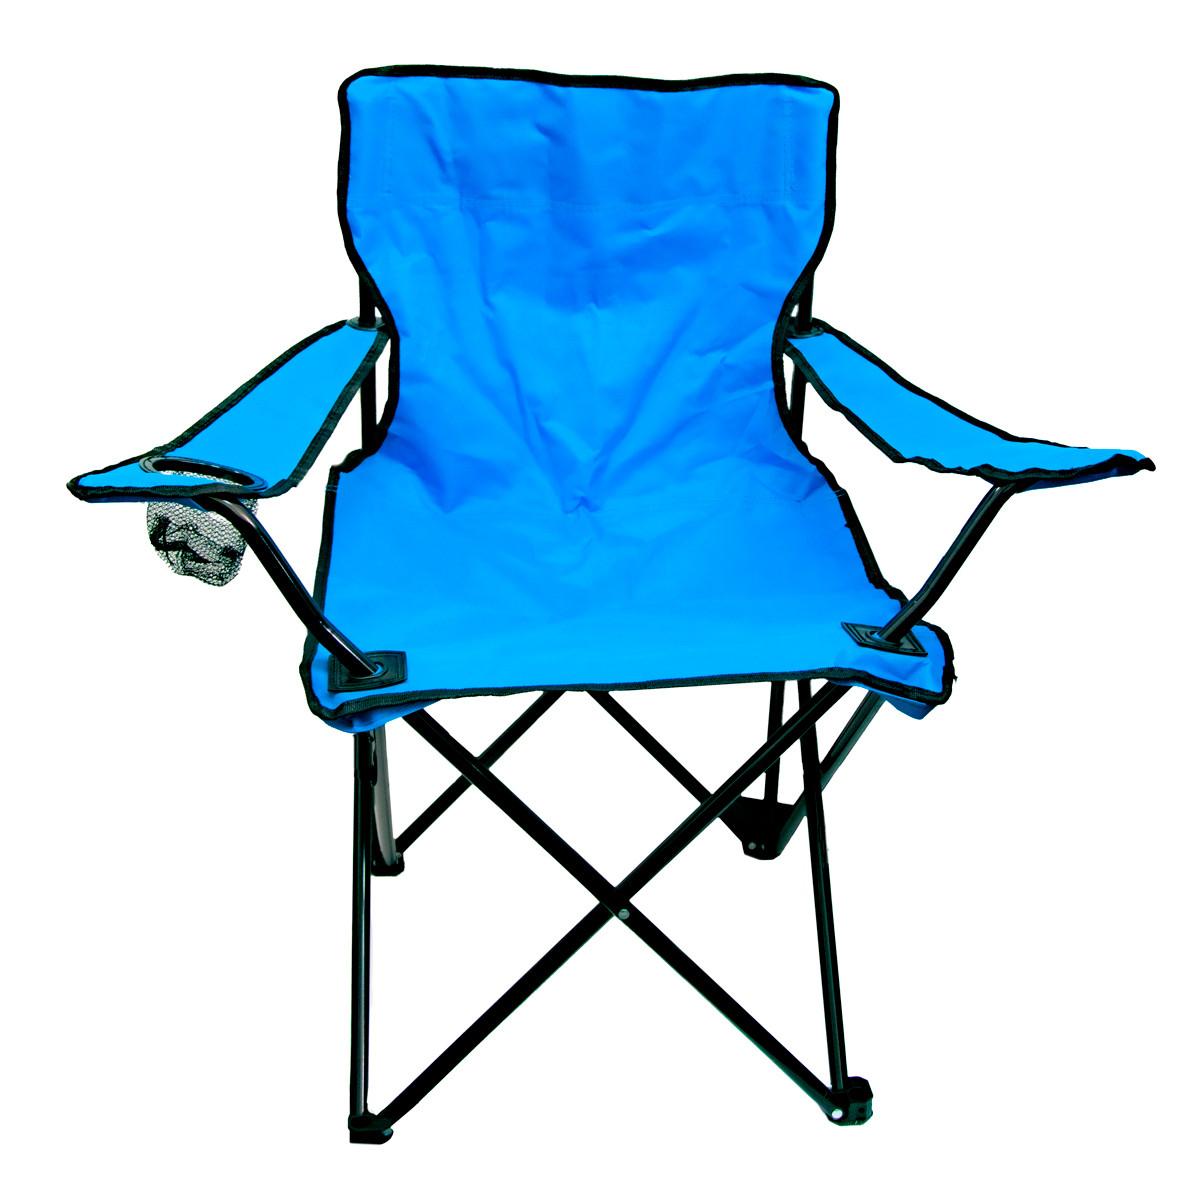 Складной стул туристический и для рыбалки Quad chair, Голубое раскладное кресло рыбацкое (ST)